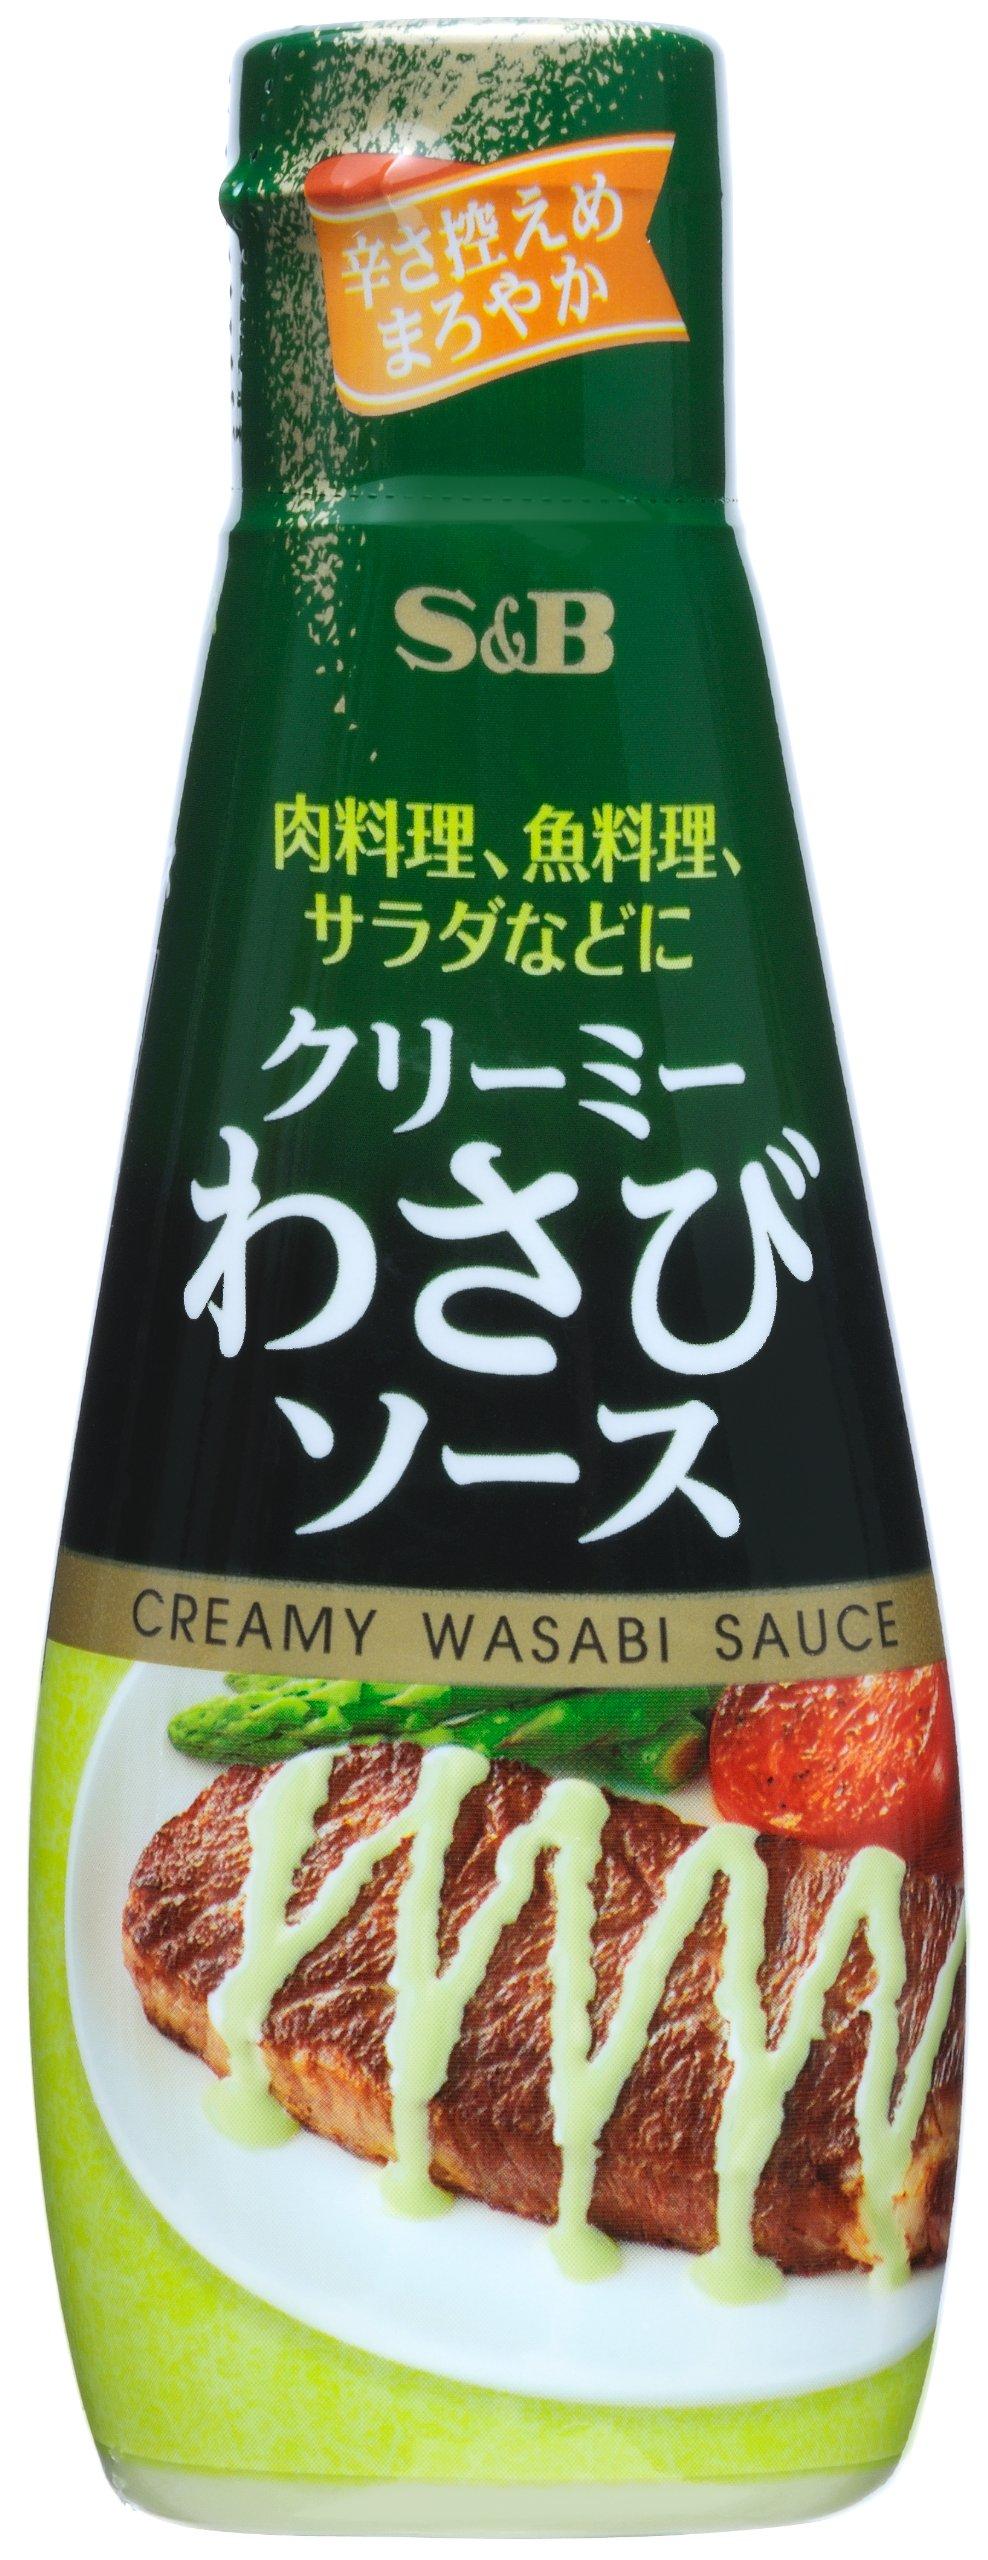 S & B 110gX5 or creamy wasabi sauce